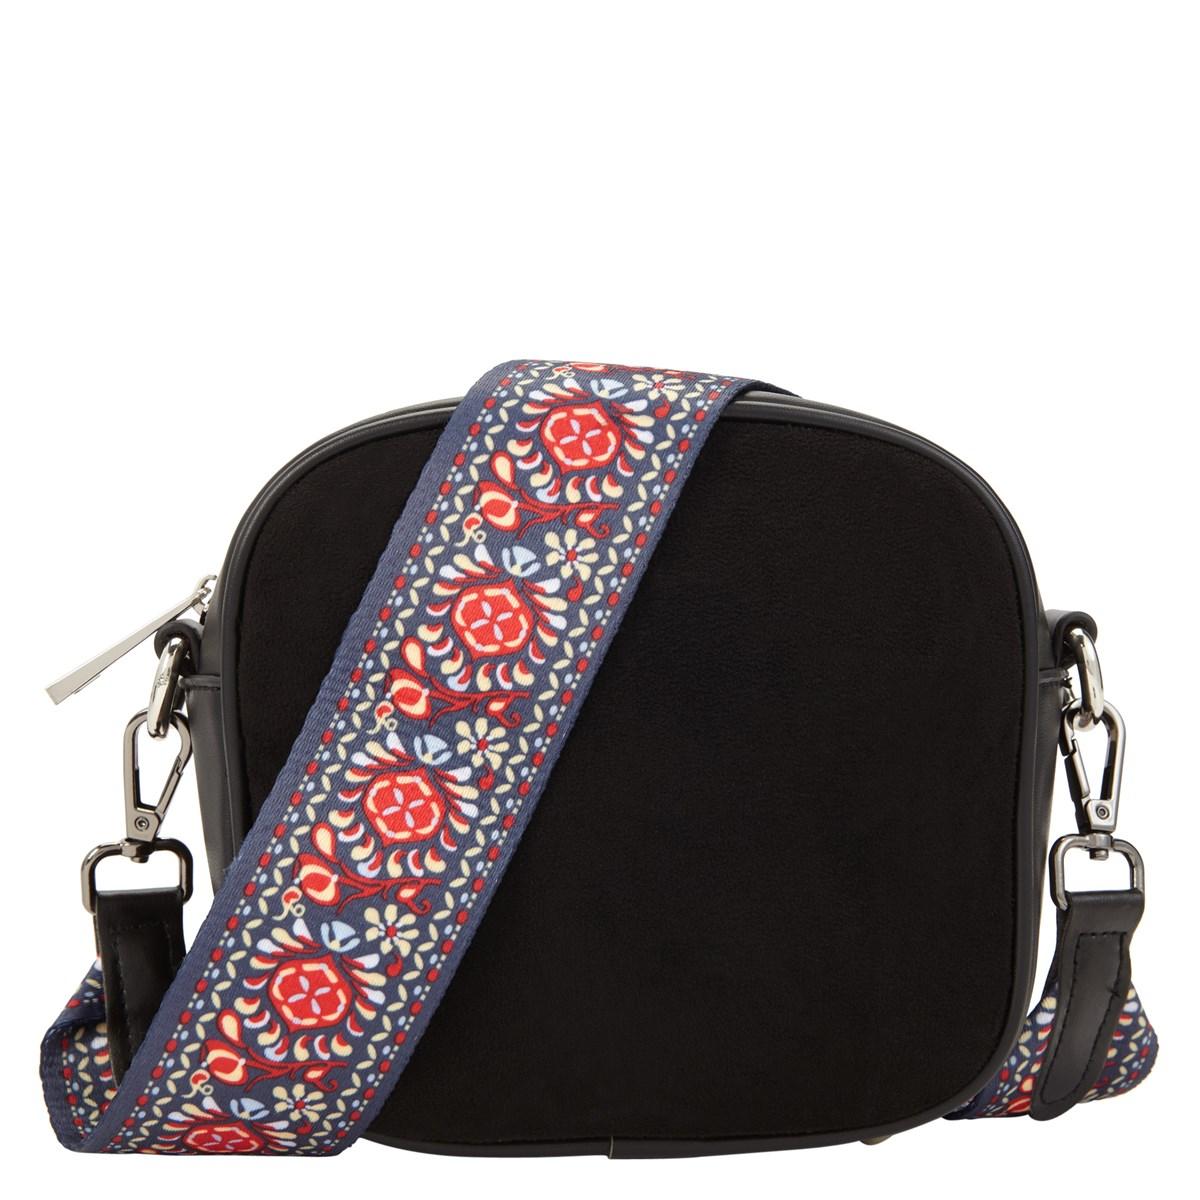 Bonnie Detachable Bag Strap Little Burgundy